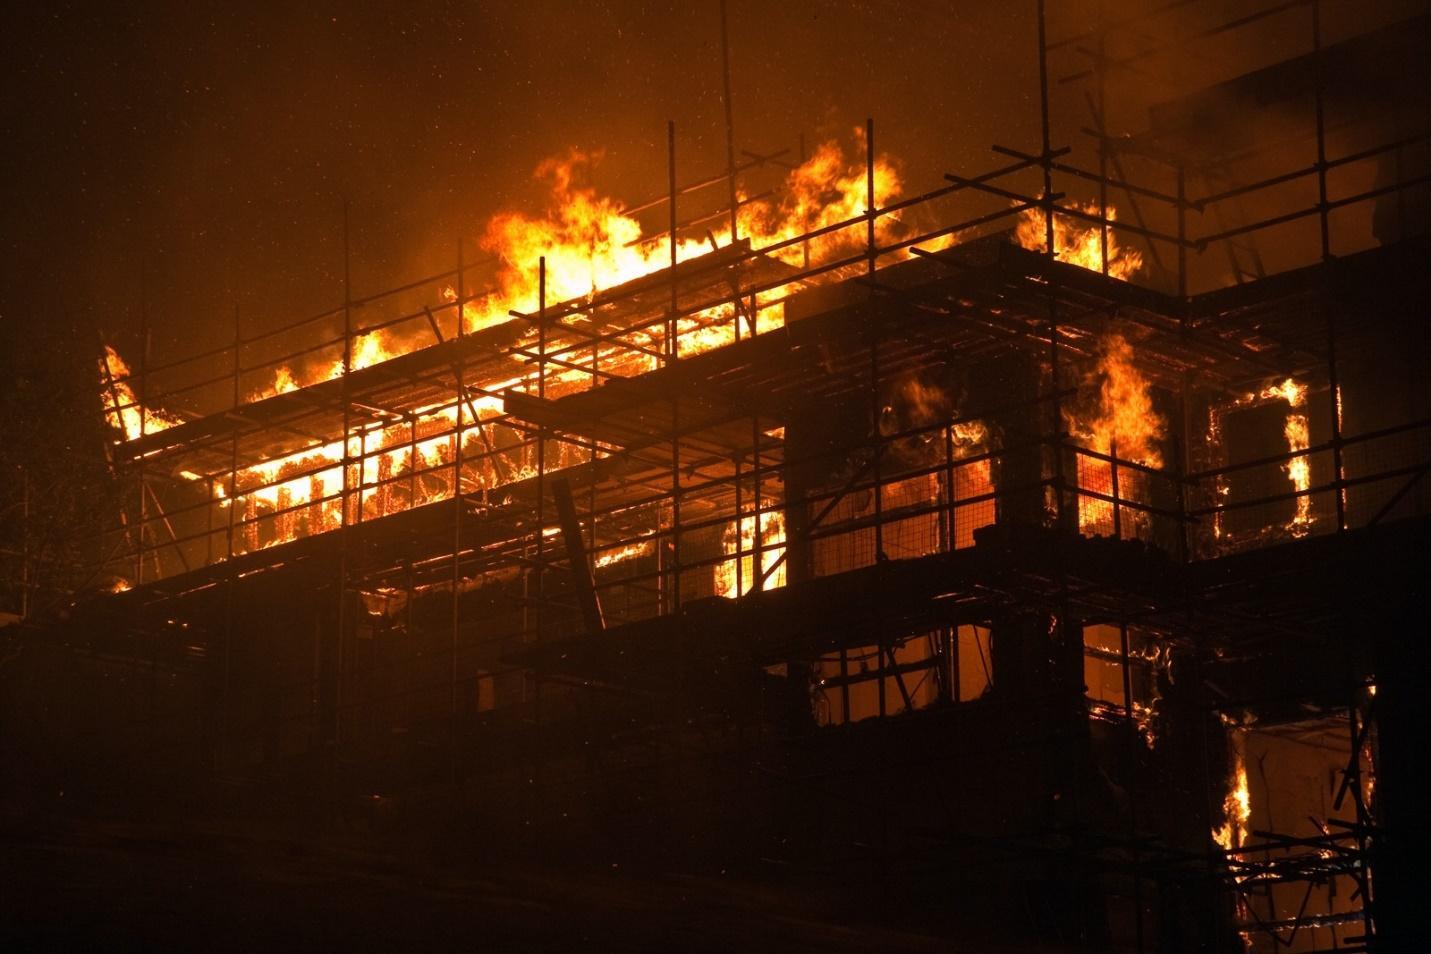 Nhà khung gỗ luôn tiềm ẩn nguy cơ sụp đổ khi hỏa hoạn